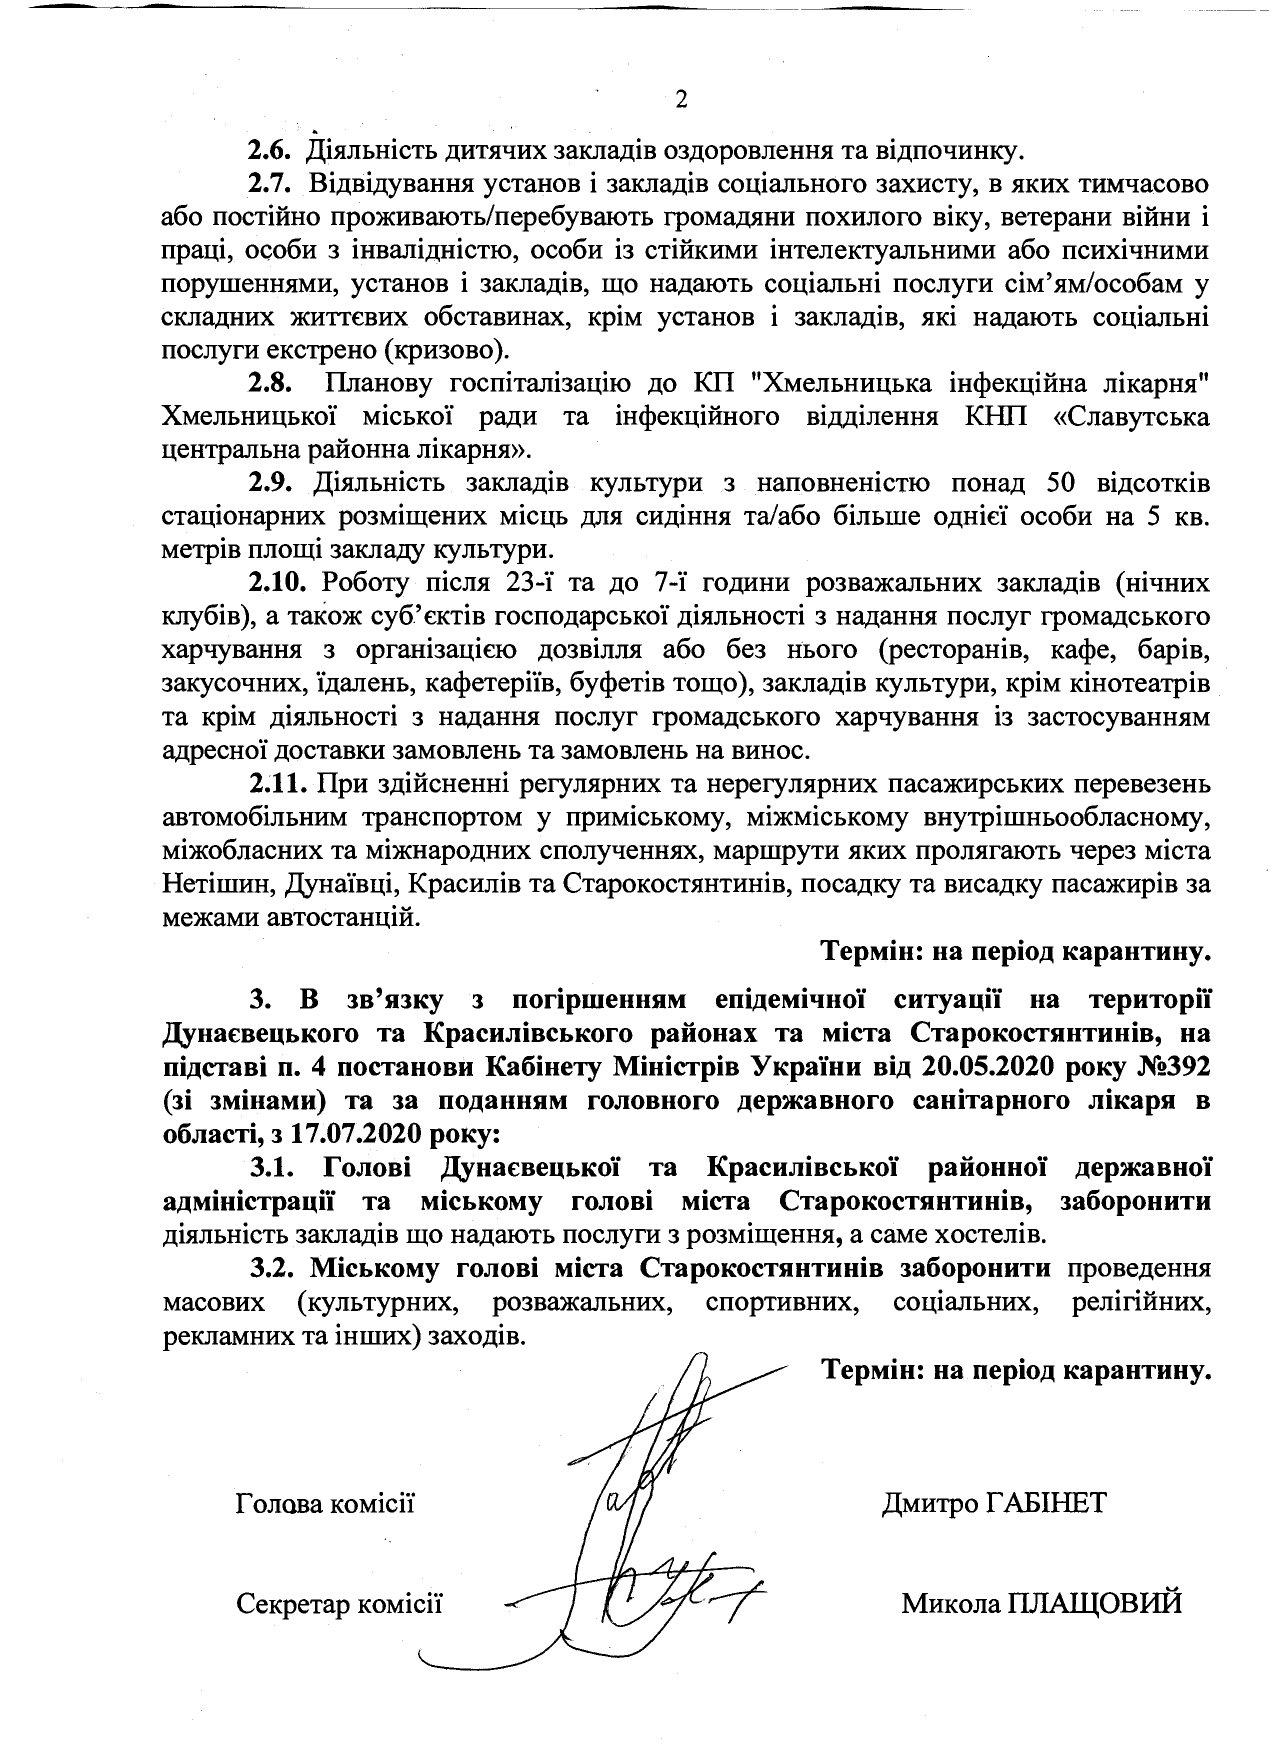 Хмельницька ОДА скасувала посилення карантину для Кам'янця-Подільського, фото-2